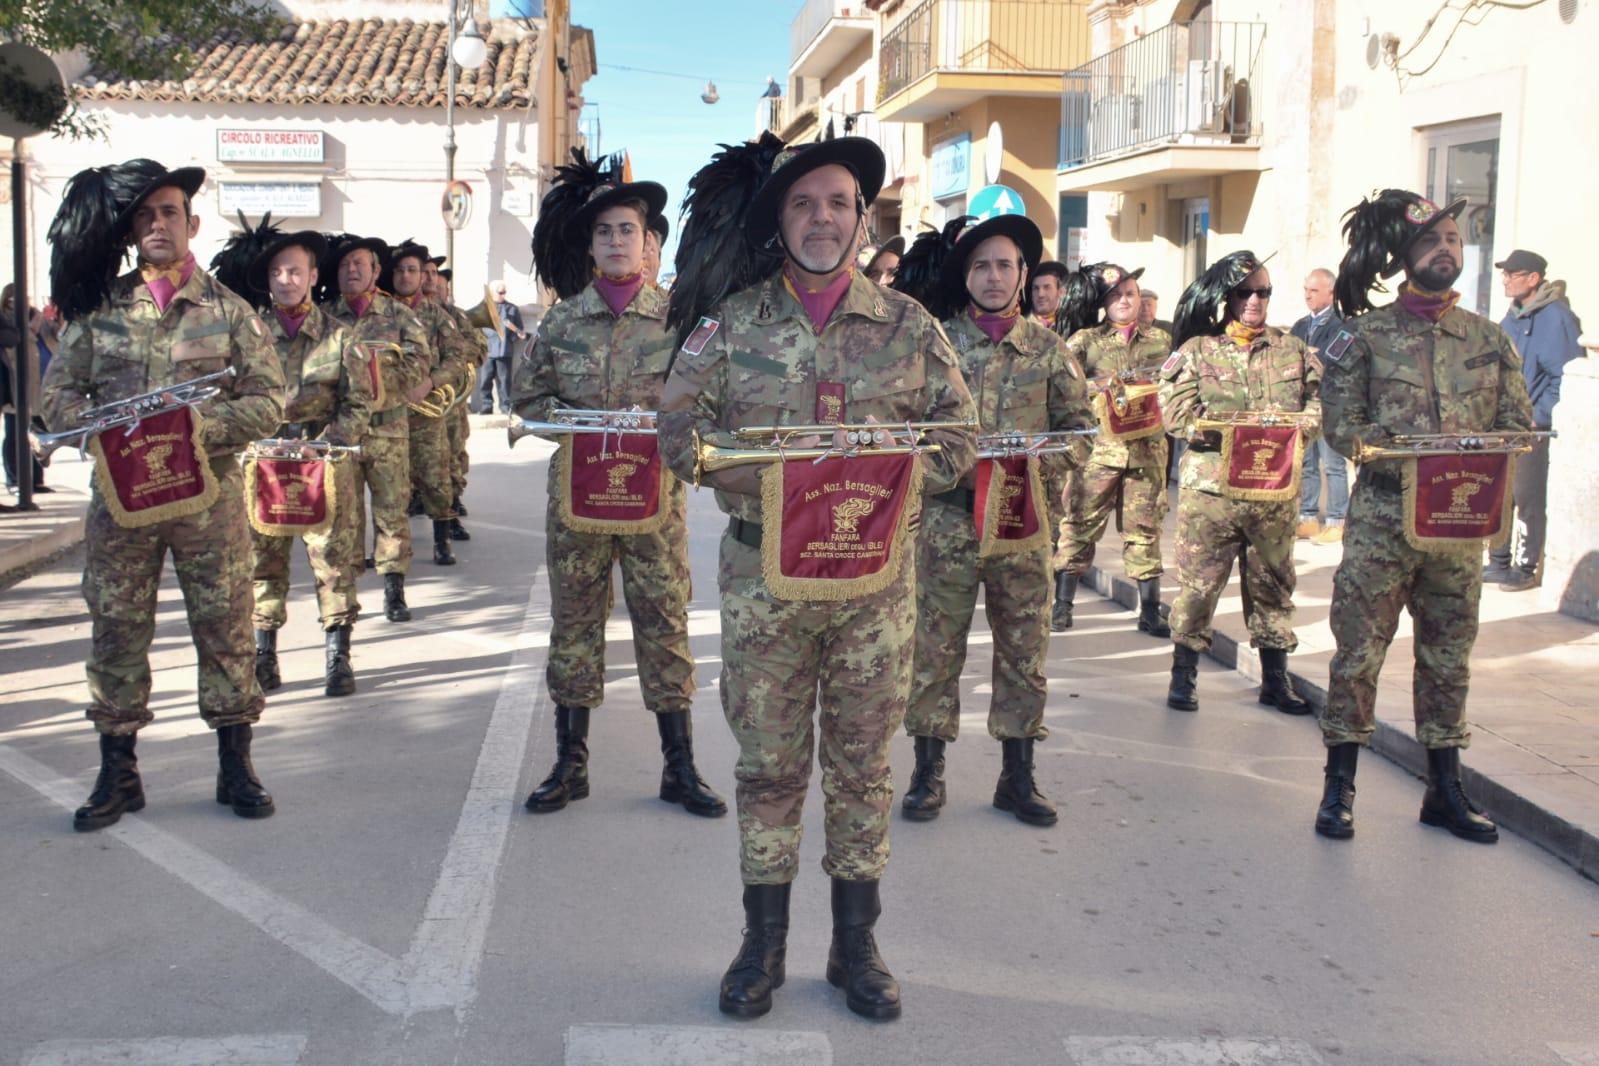 I nostri bersaglieri a Marina di Ragusa: sfilata ed esibizione al lungomare Doria